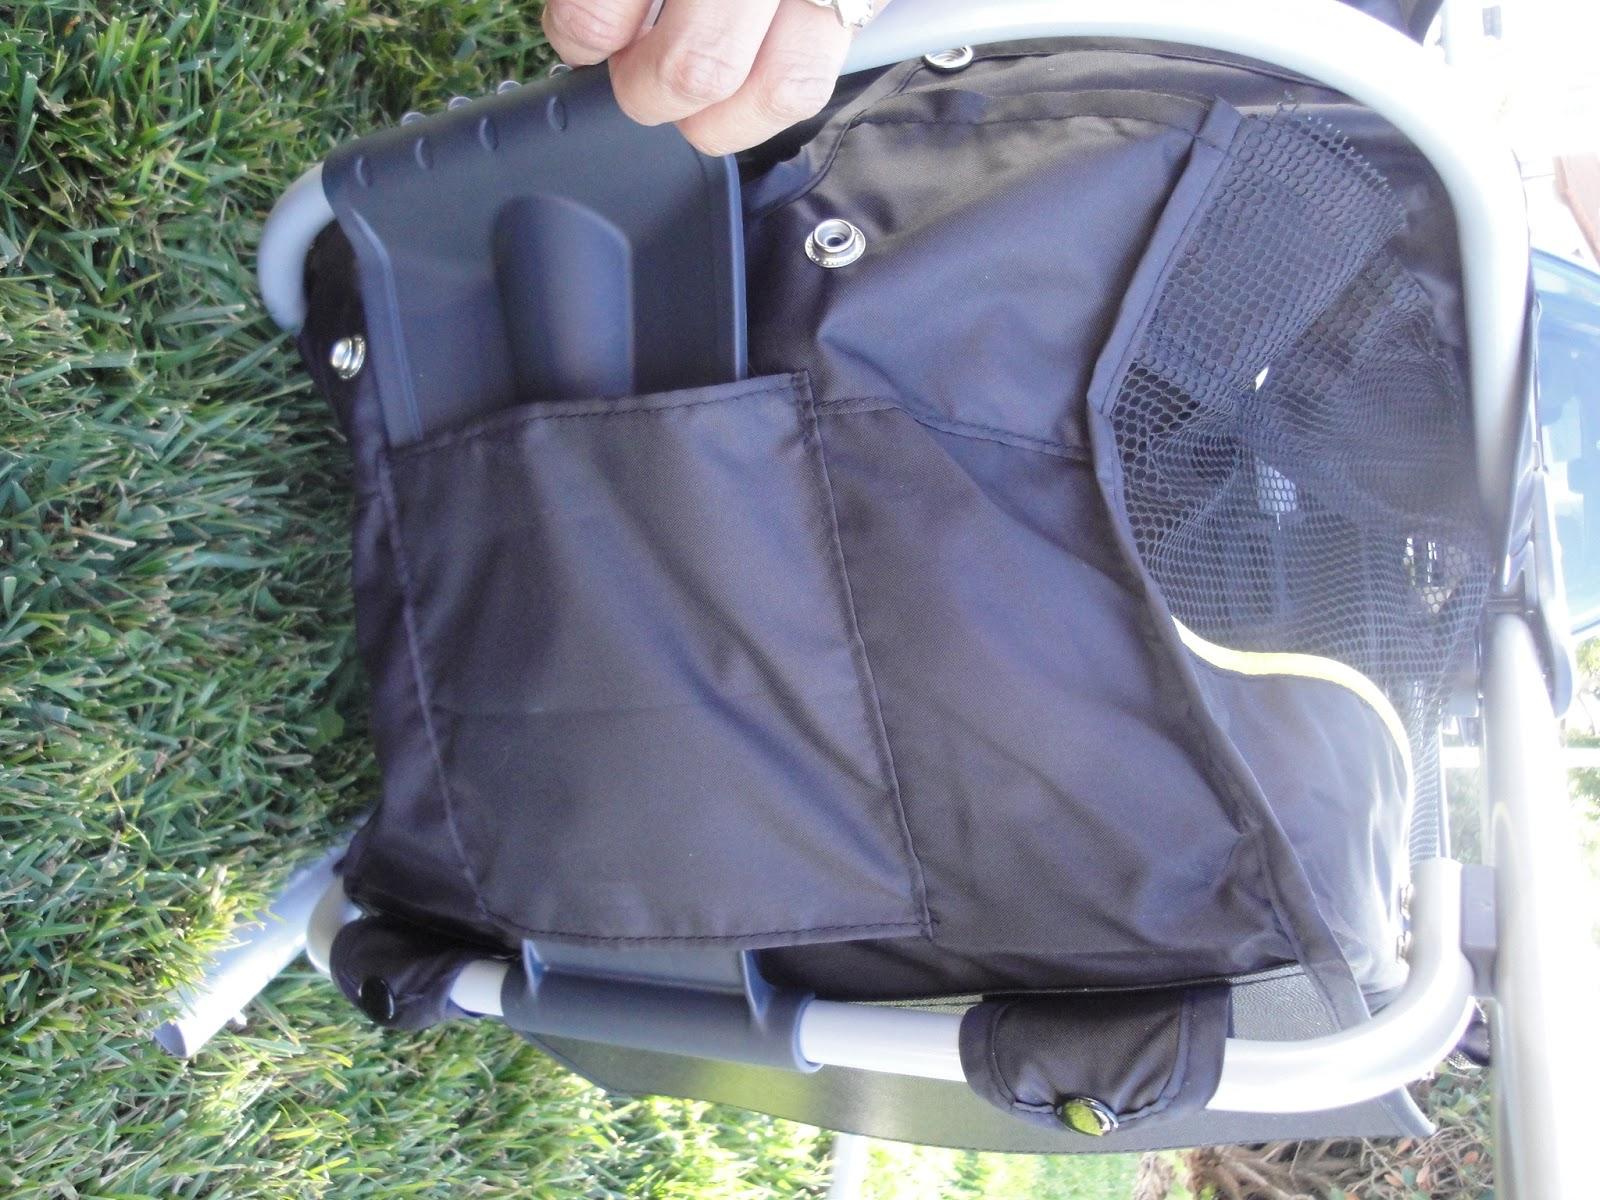 chicco keyfit 30 infant car seat stroller travel system review honey lime. Black Bedroom Furniture Sets. Home Design Ideas